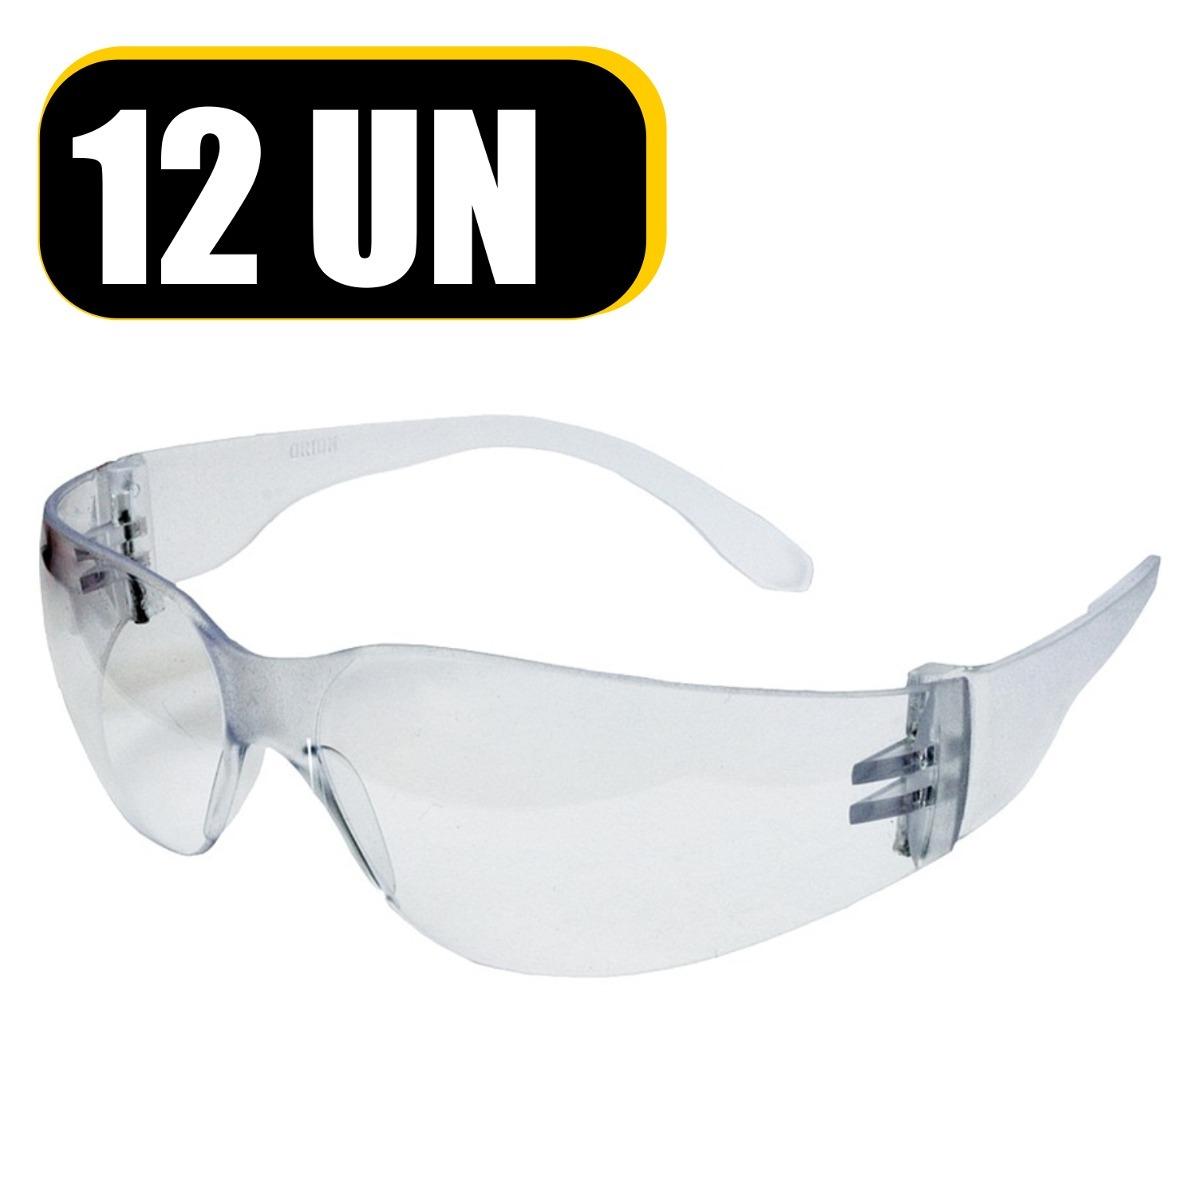 6f6e0daed4d7b Óculos Segurança Epi 3m Virtua Incolor Proteção Trabalho - R  99,00 em Mercado  Livre